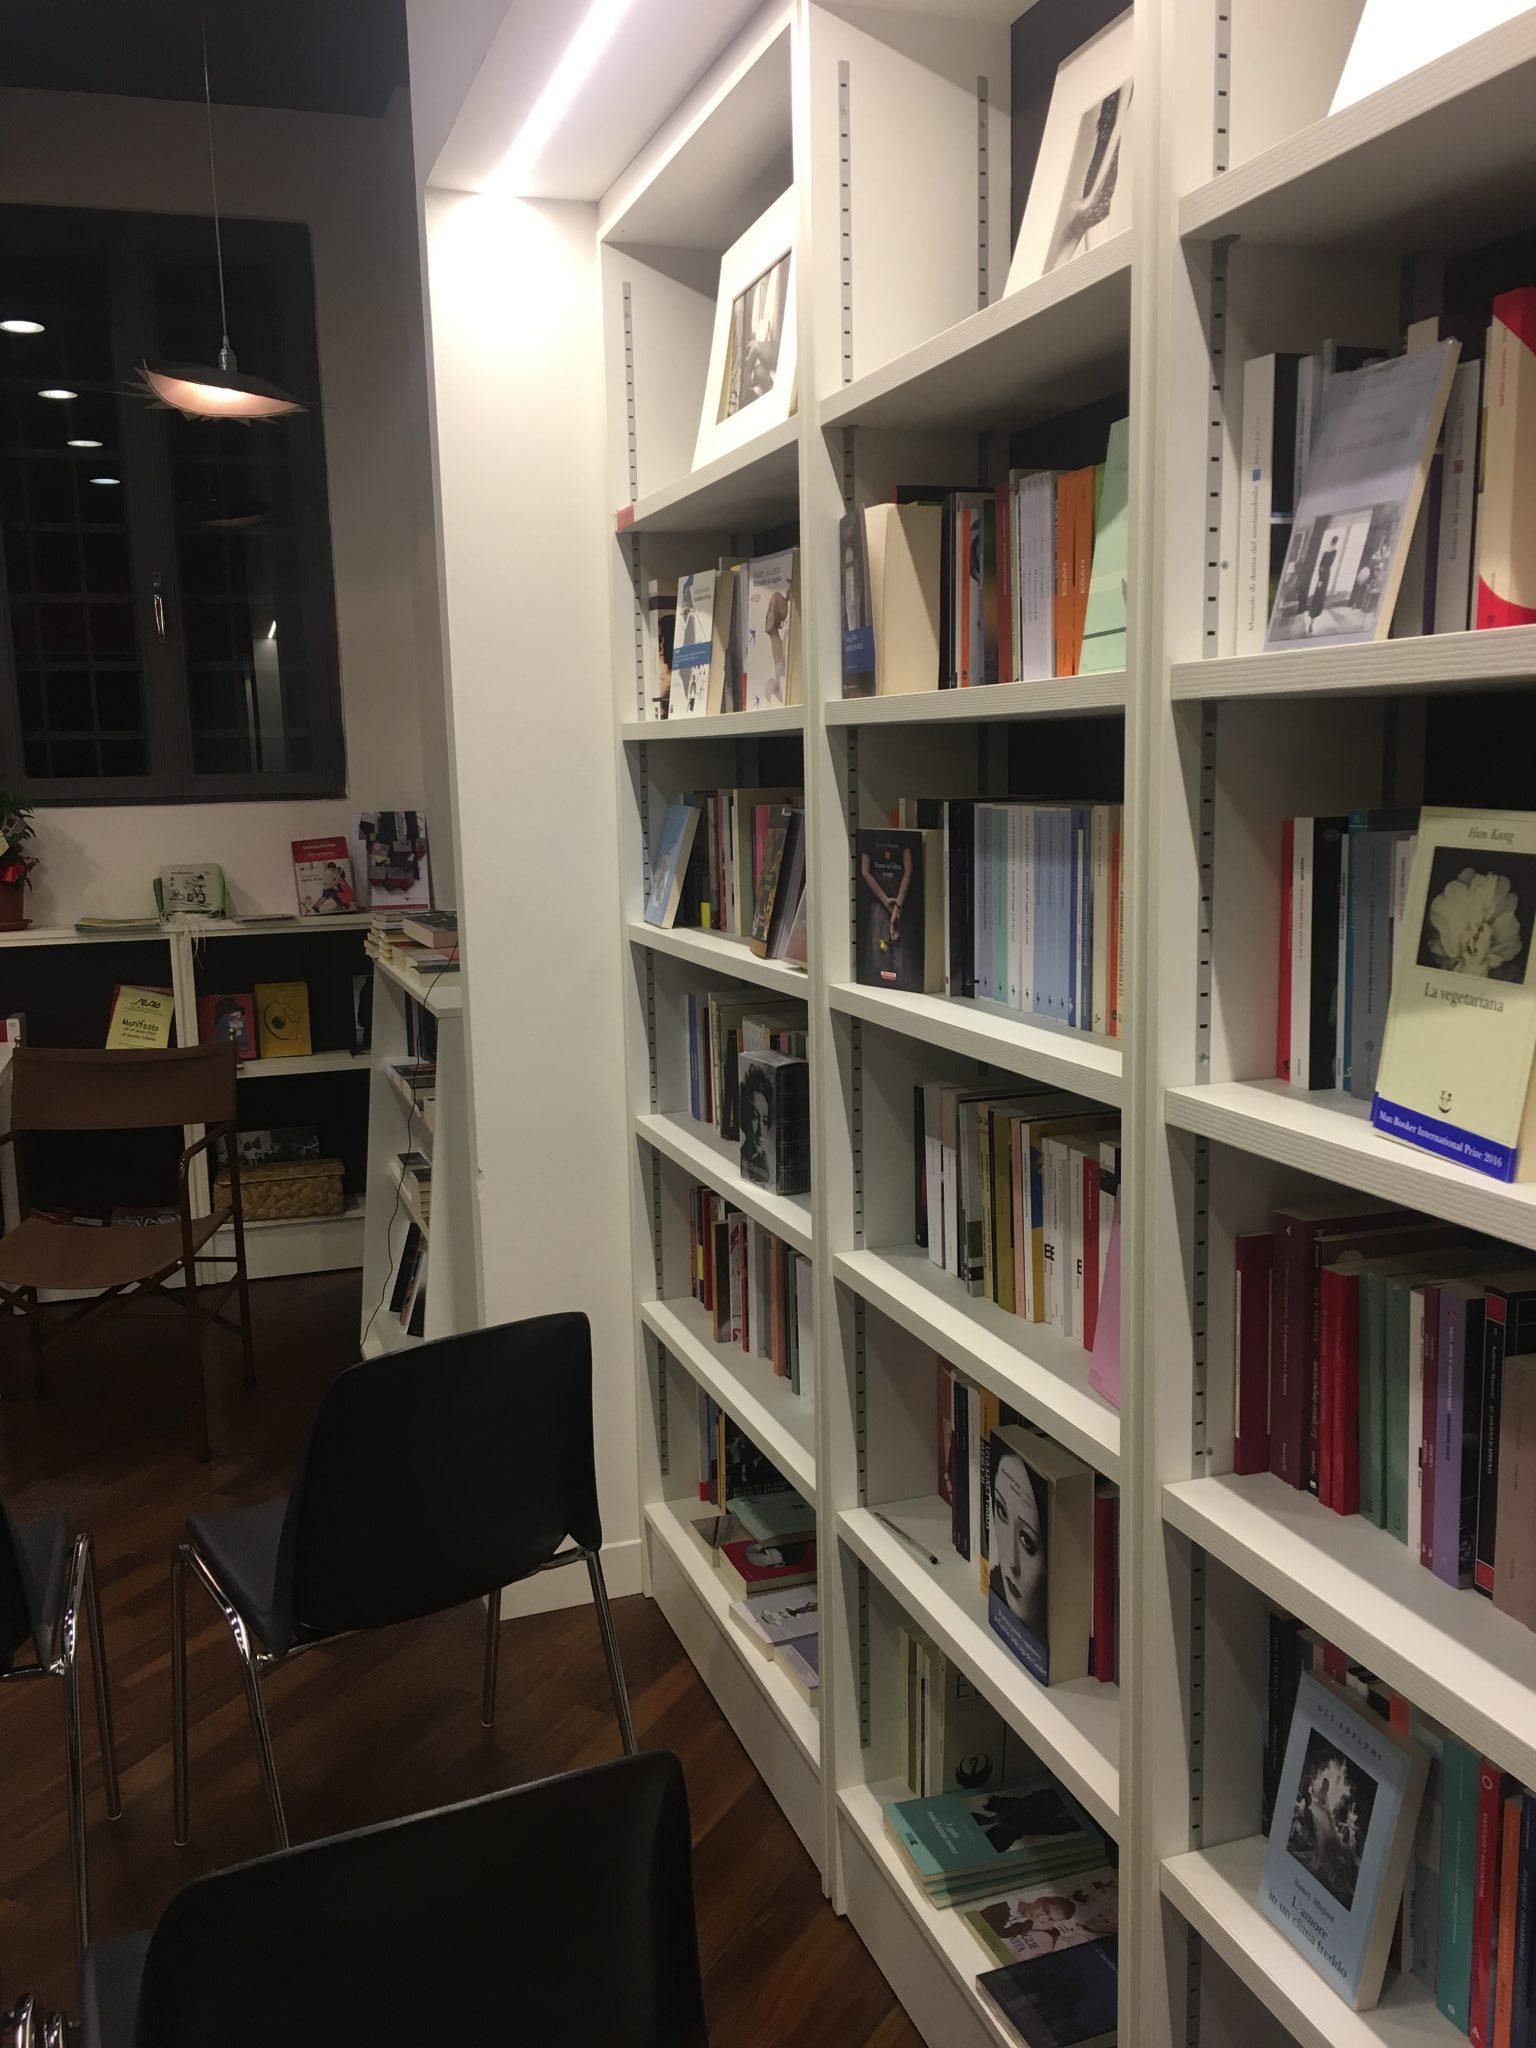 Tre librerie speciali a Padova, dove trascorrere al caldo un pomeriggio d'inverno: La libreria Antiquaria Stella, La libreria delle donne e Laformadellibro.